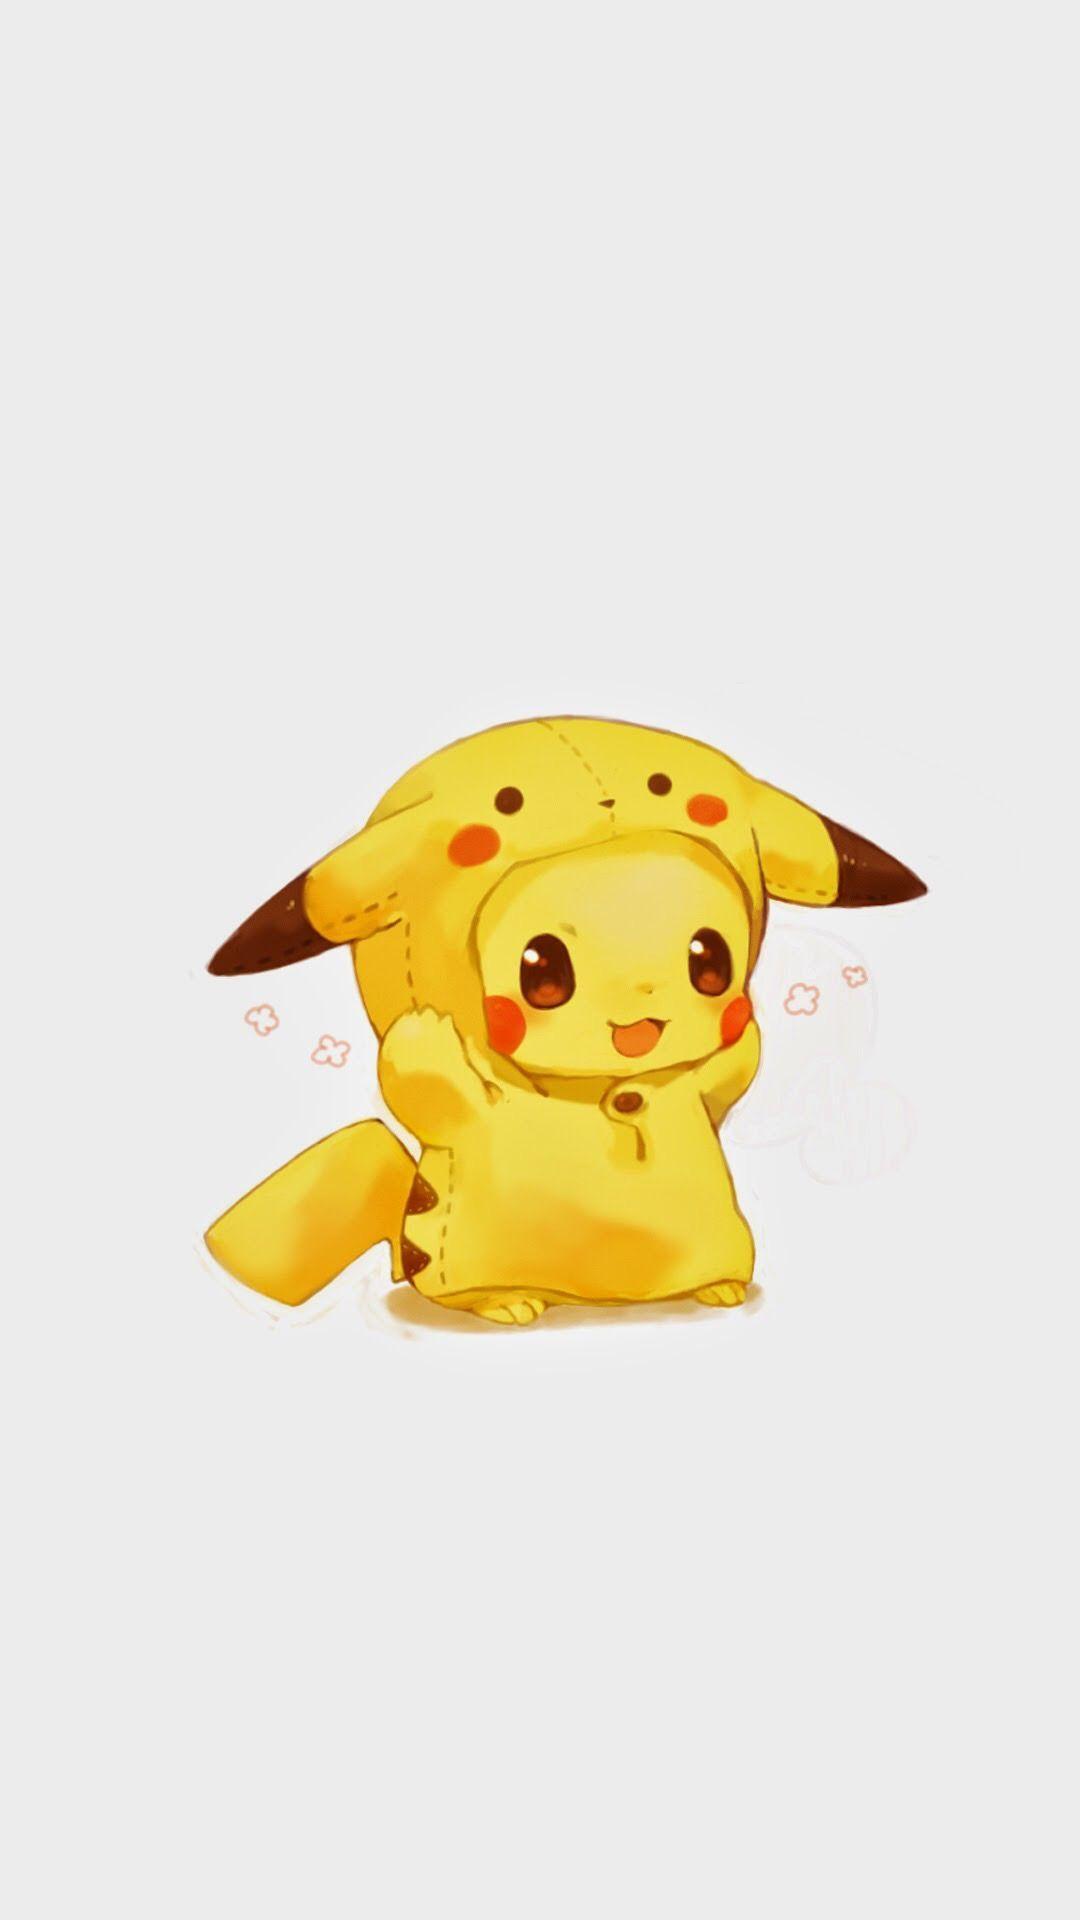 Hình nền Pikachu đẹp, cute cho điện thoại